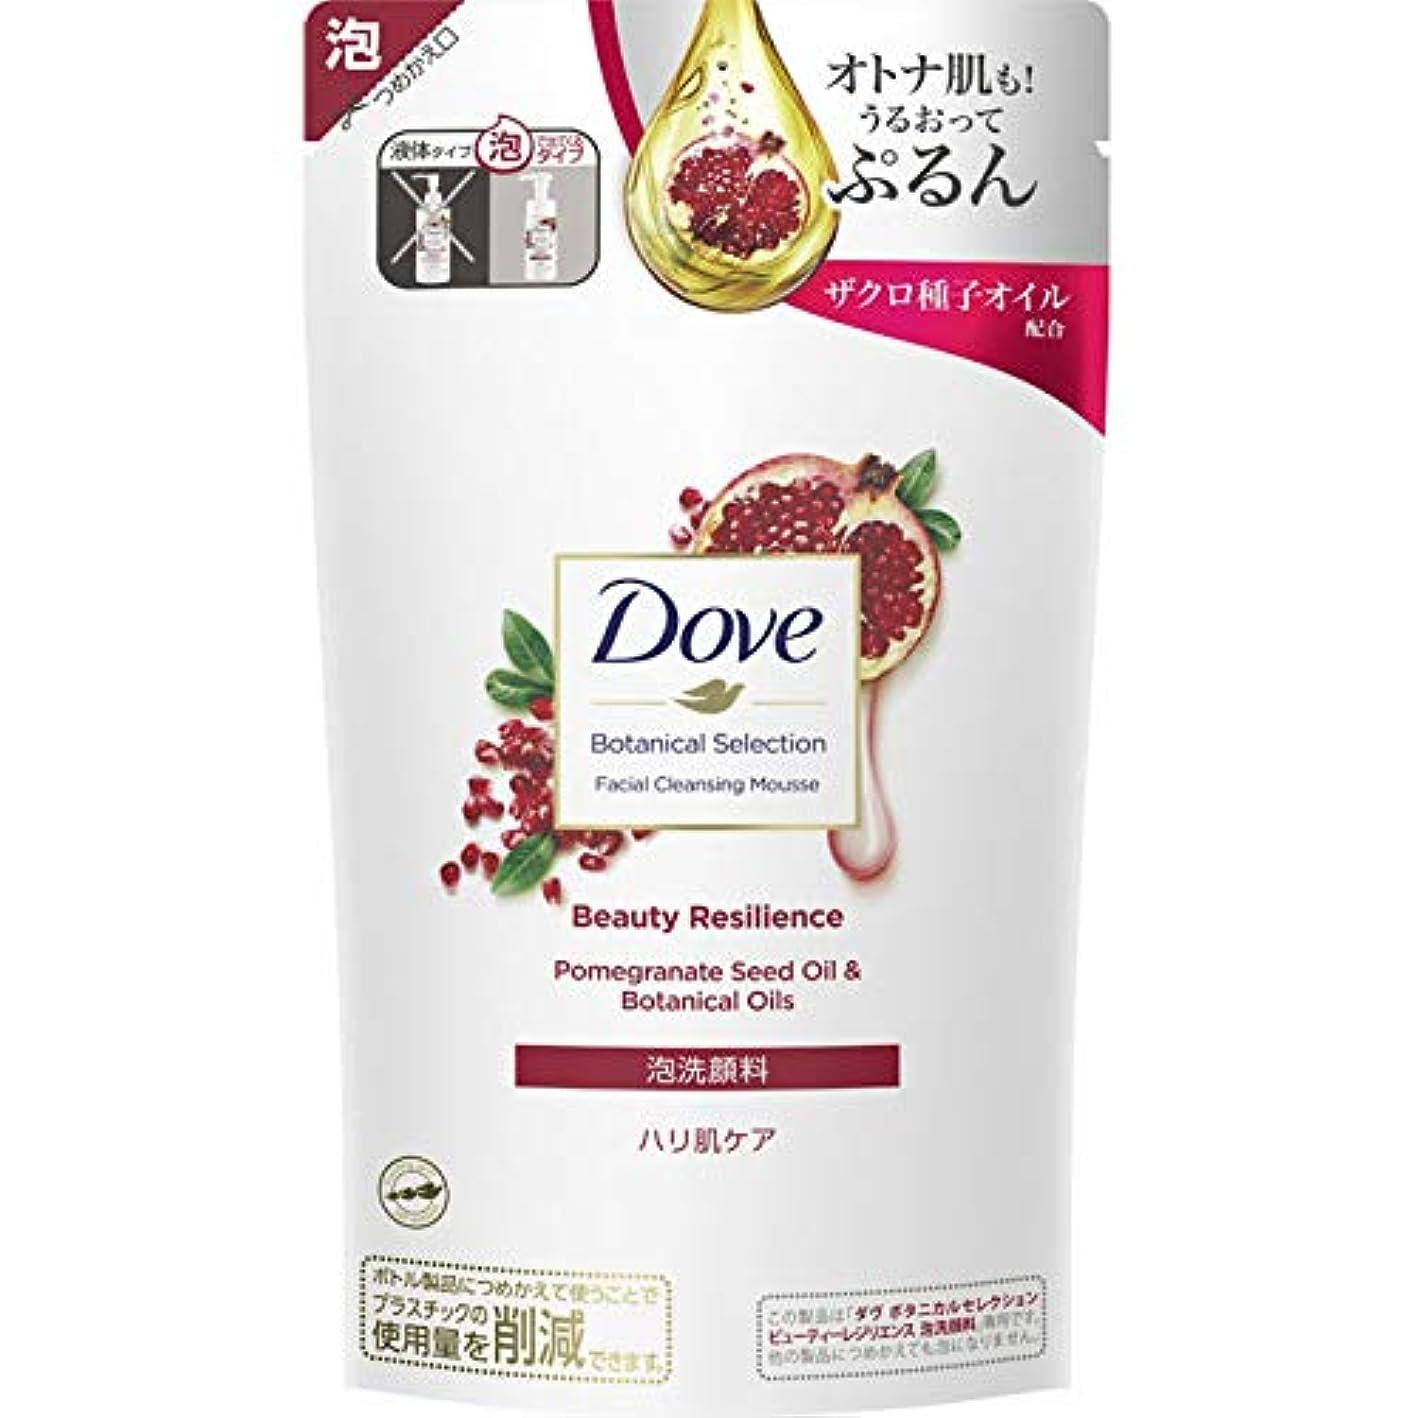 然とした確立します厳【7個セット】ダヴ ボタニカルセレクション ビューティーレジリエンス 泡洗顔料 つめかえ用 135mL